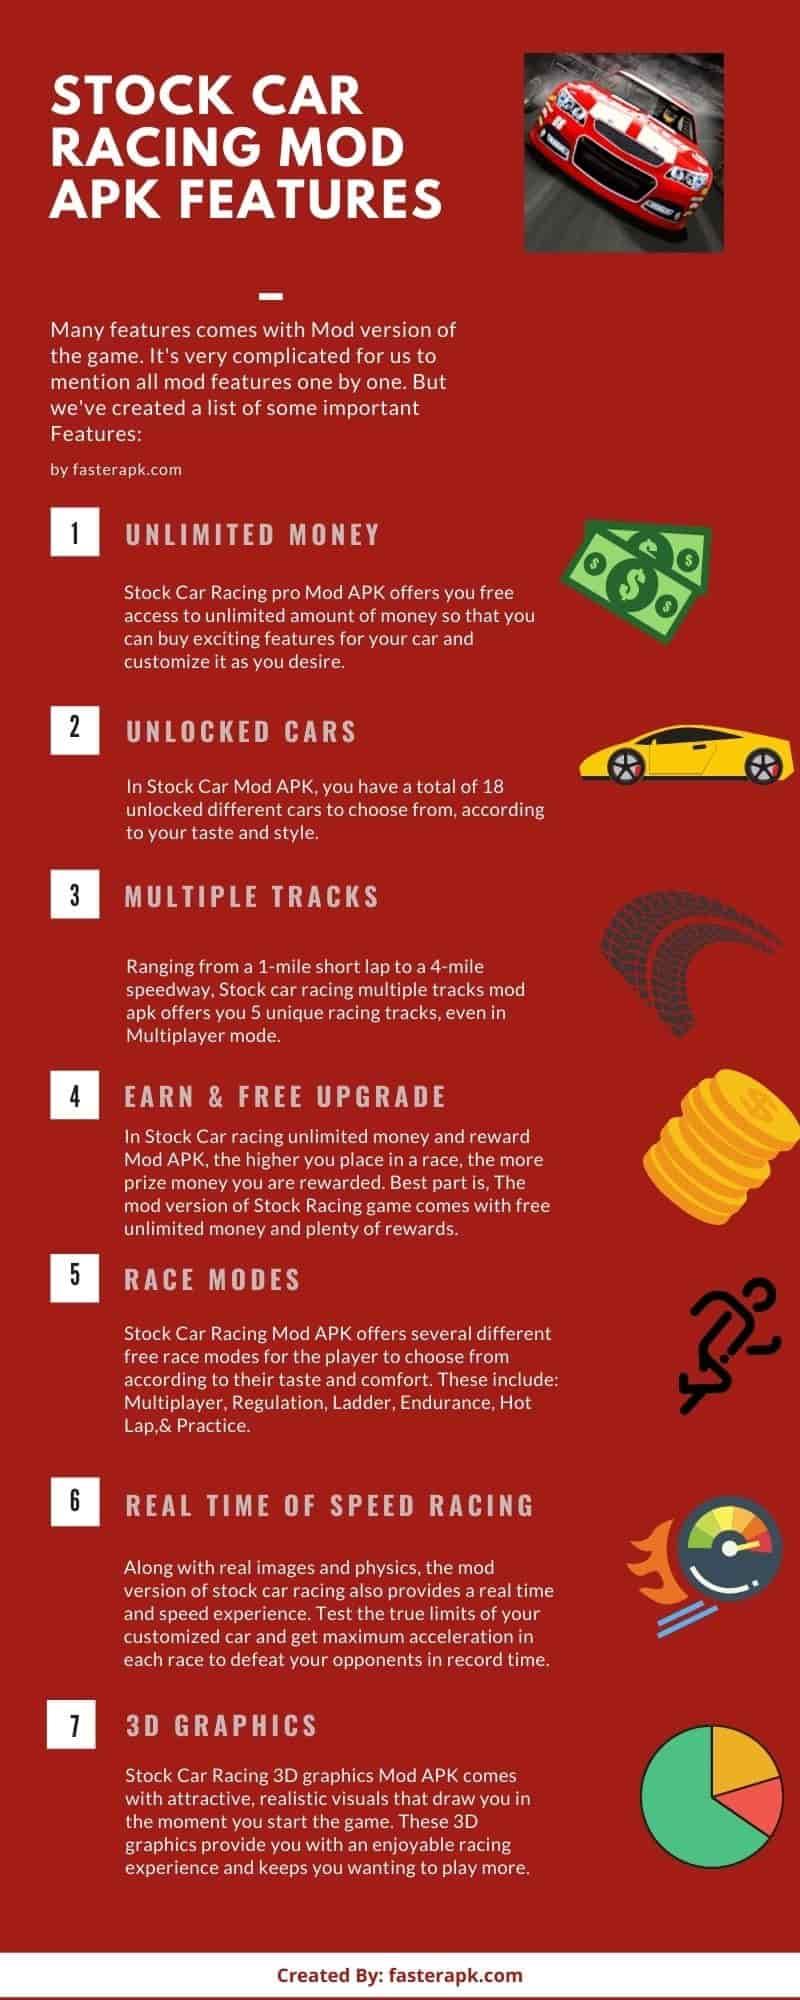 Stock Car Racing Mod APK Features